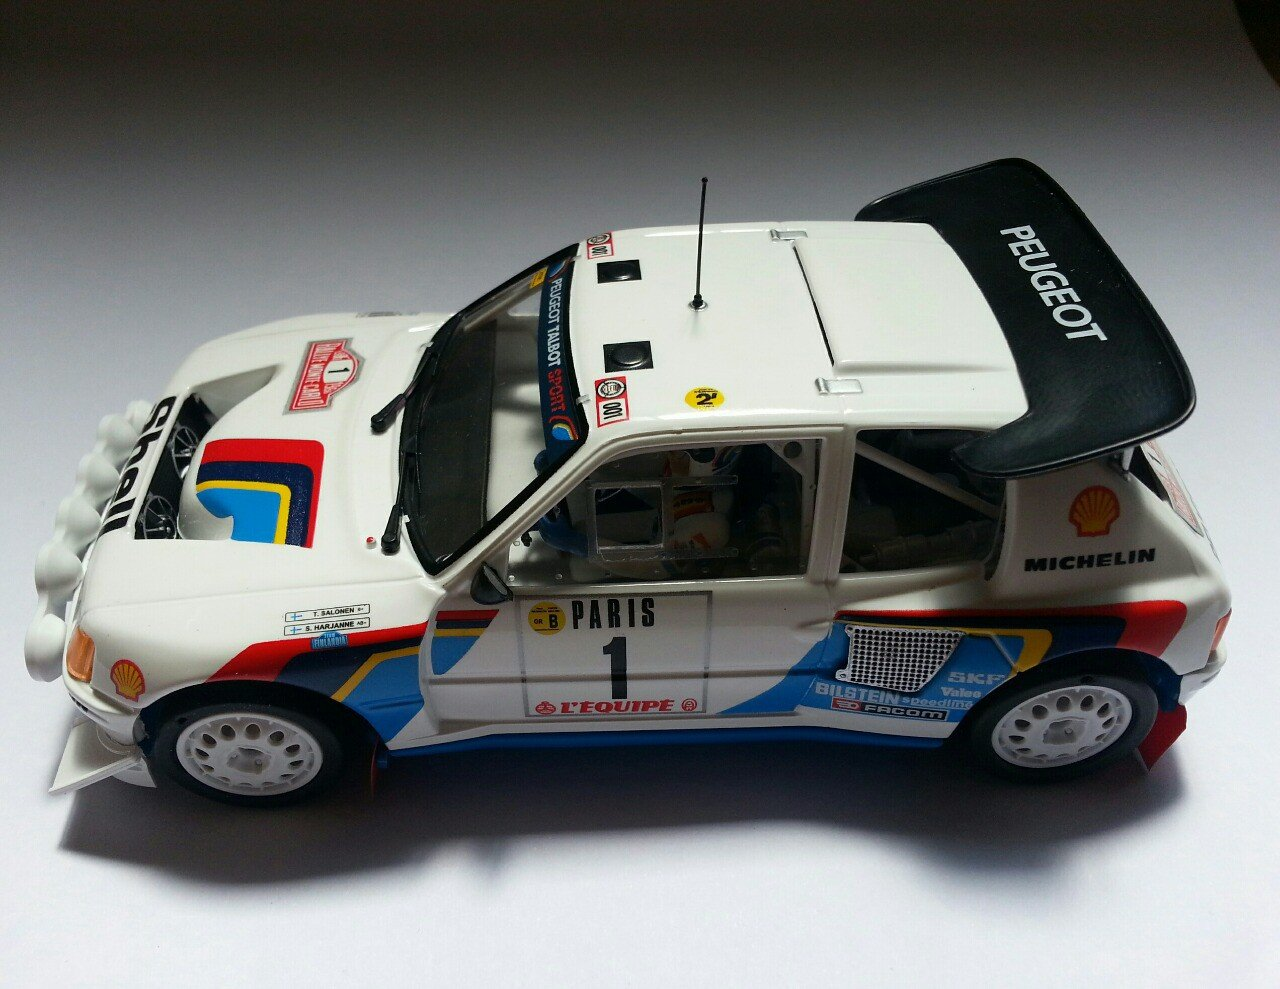 SRC 03701 Peugeot 205 T16 Evo2 Rally Montecarlo 1986 Timo Salonen - S. Harjanne: Amazon.es: Juguetes y juegos